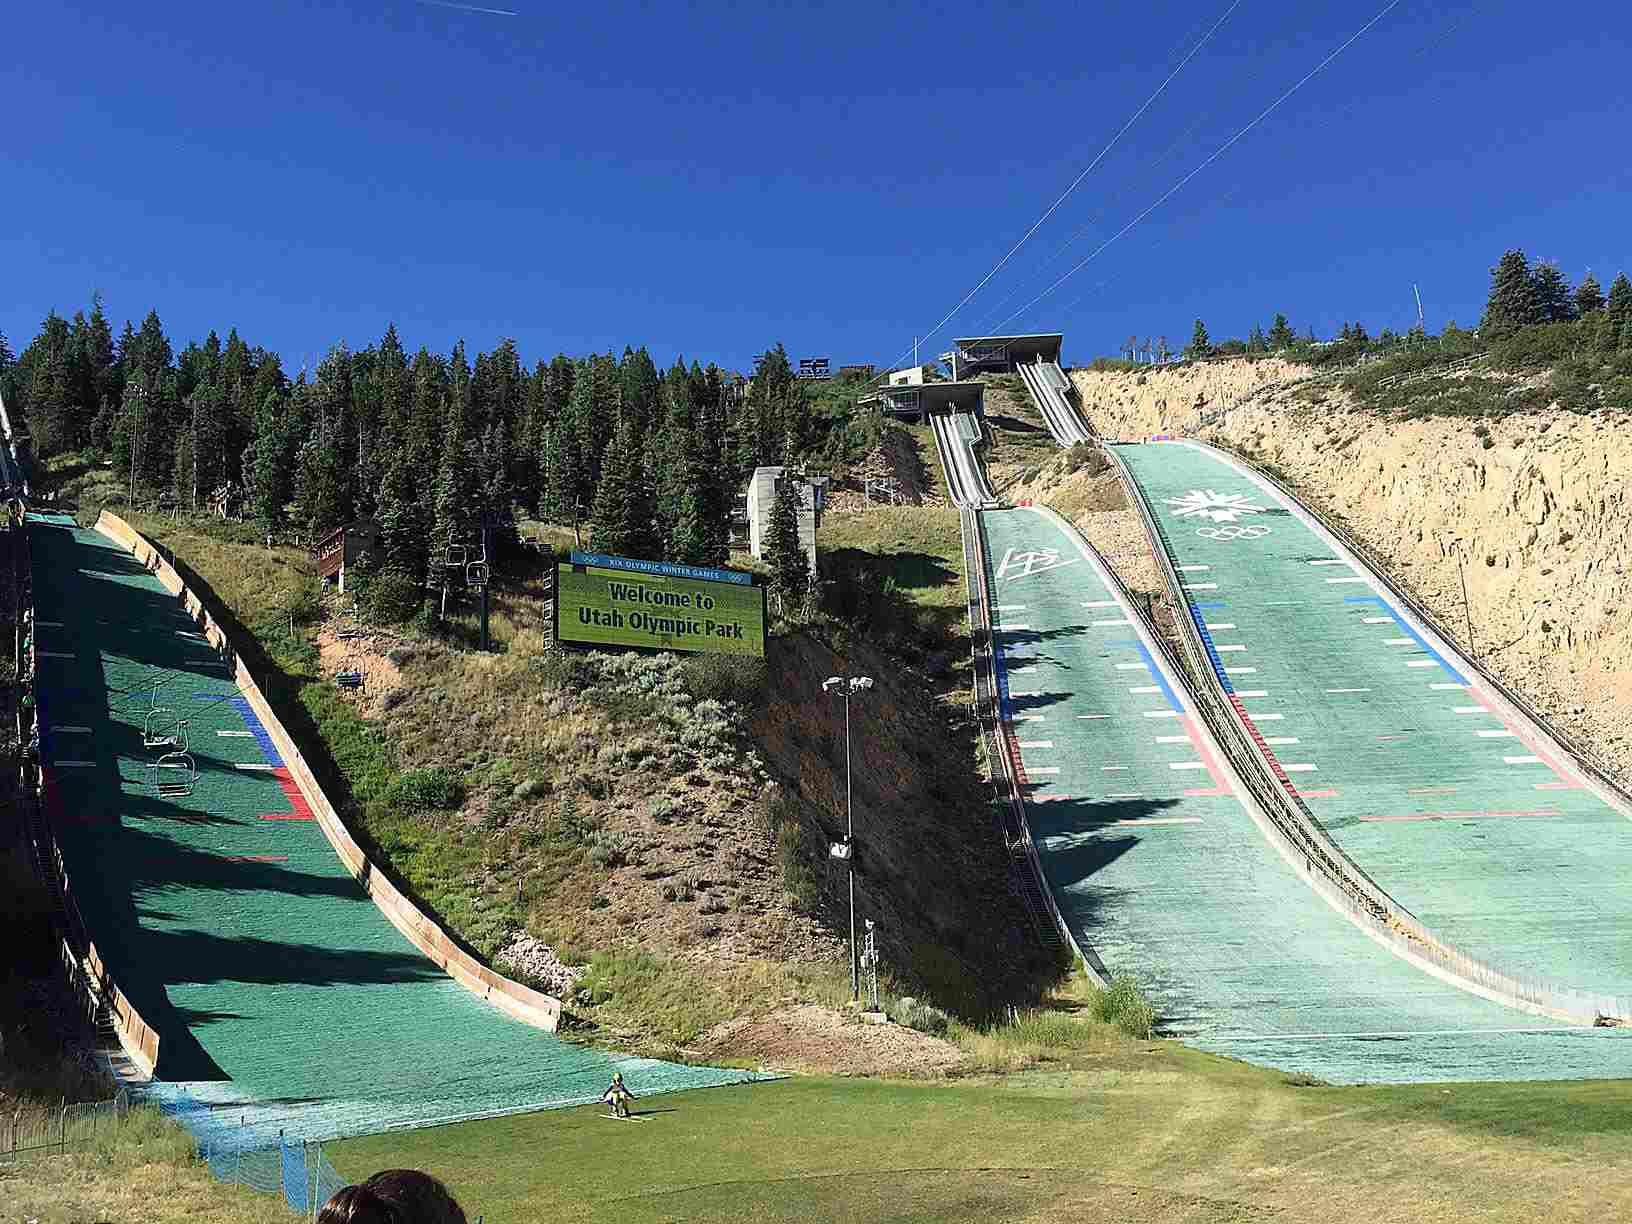 Campo de tirolesa del Parque Olímpico de Utah